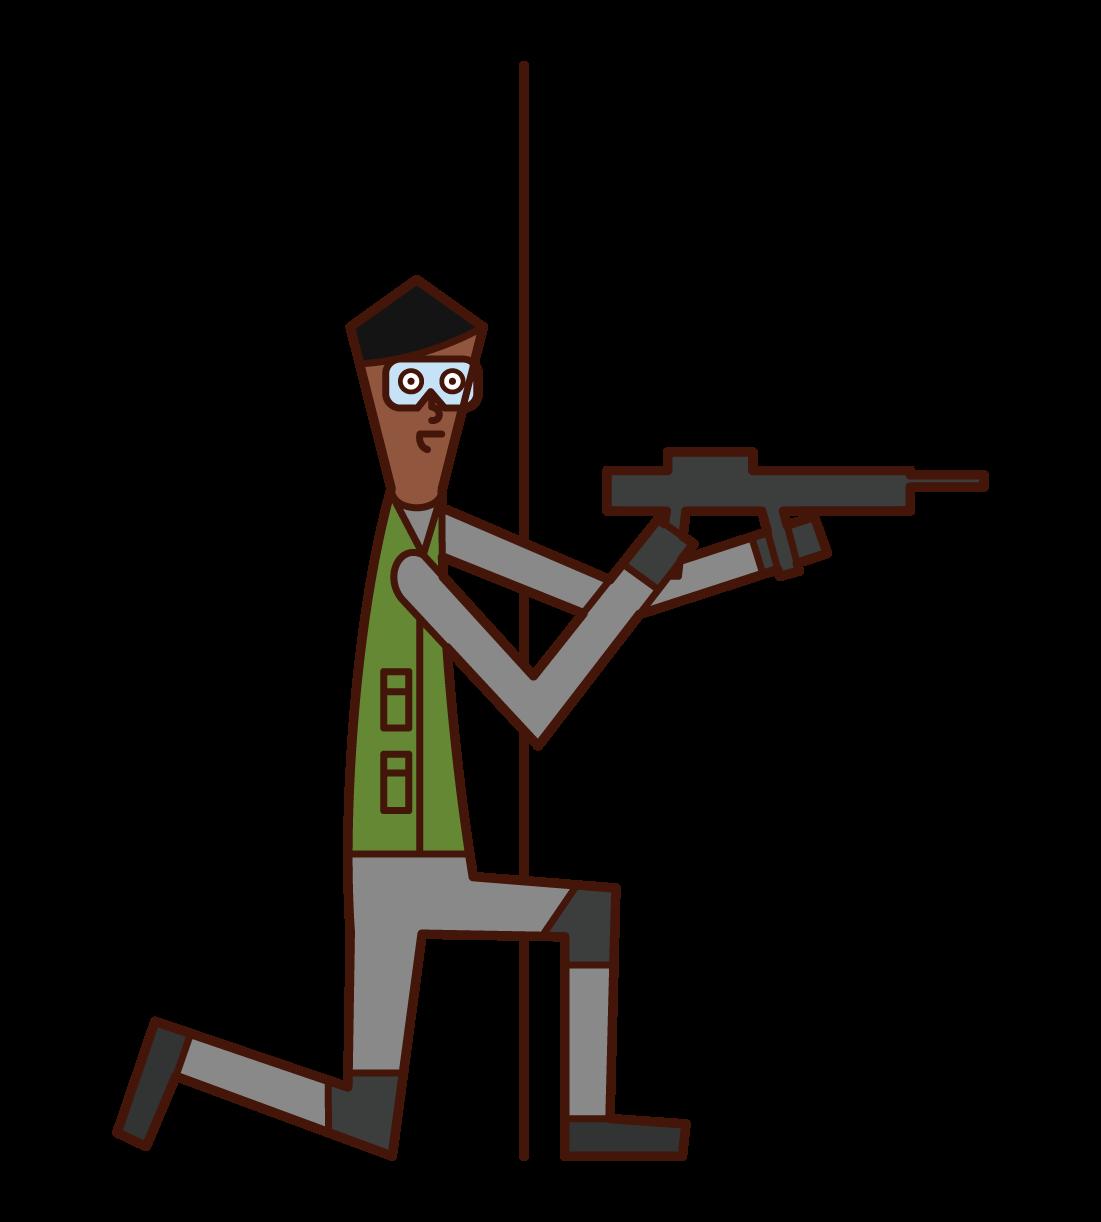 サバイバルゲームを楽しむ人(男性)のイラスト